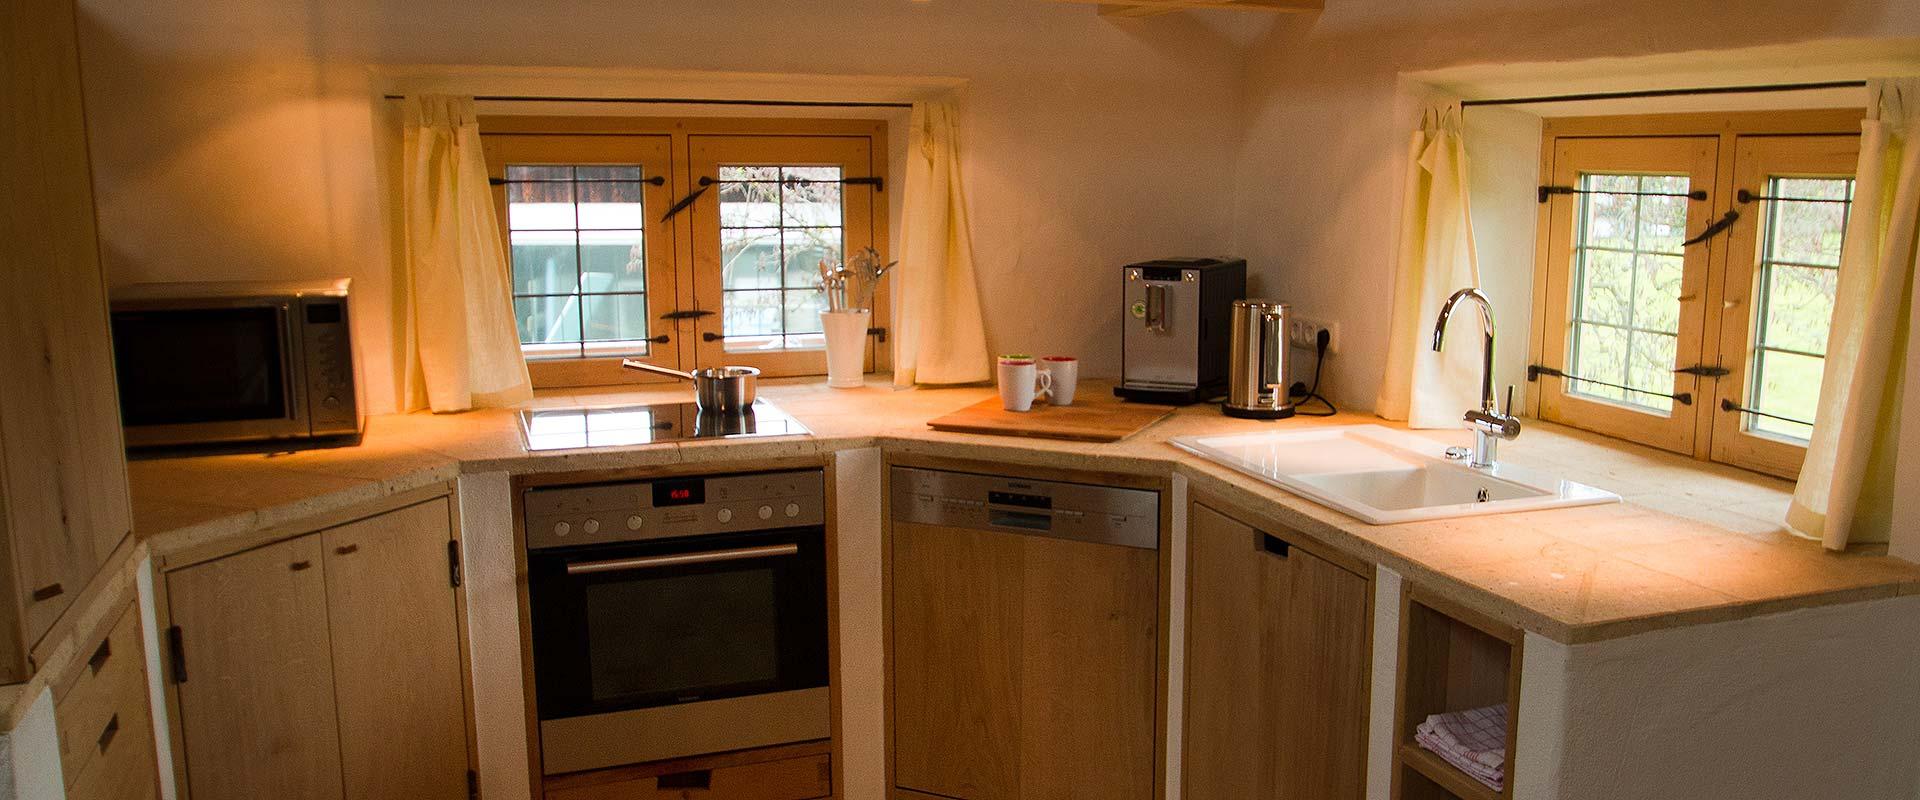 Küche unserer Ferienwohnung